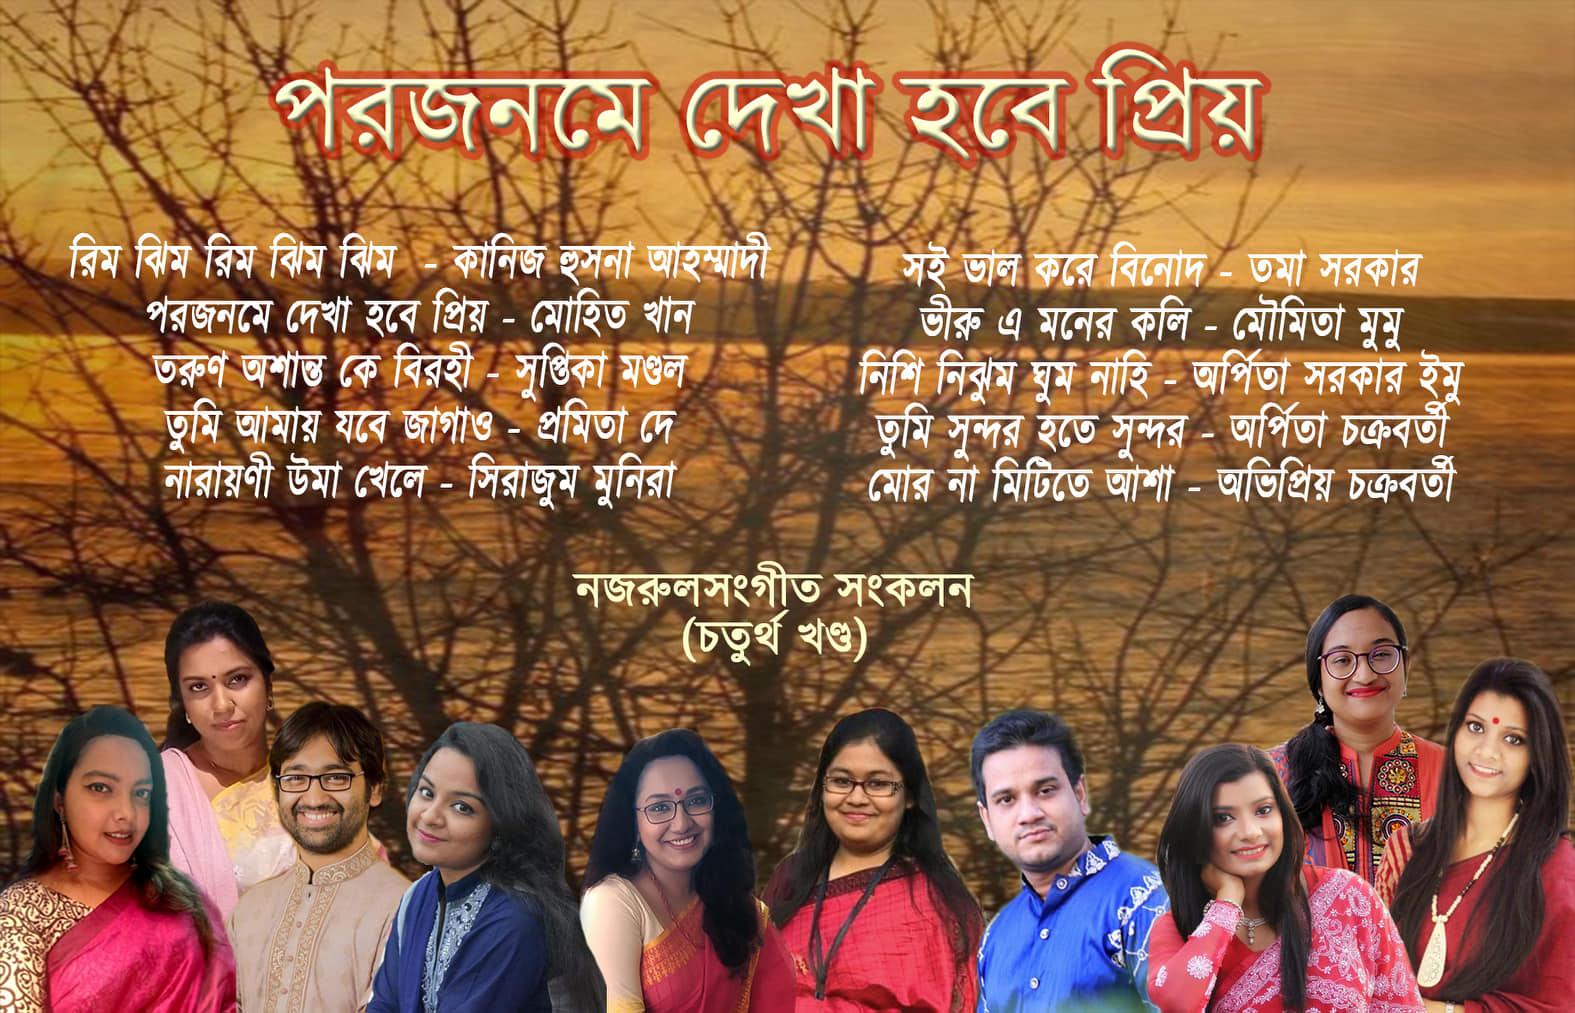 Porjonome Dekha Hobe Priyo